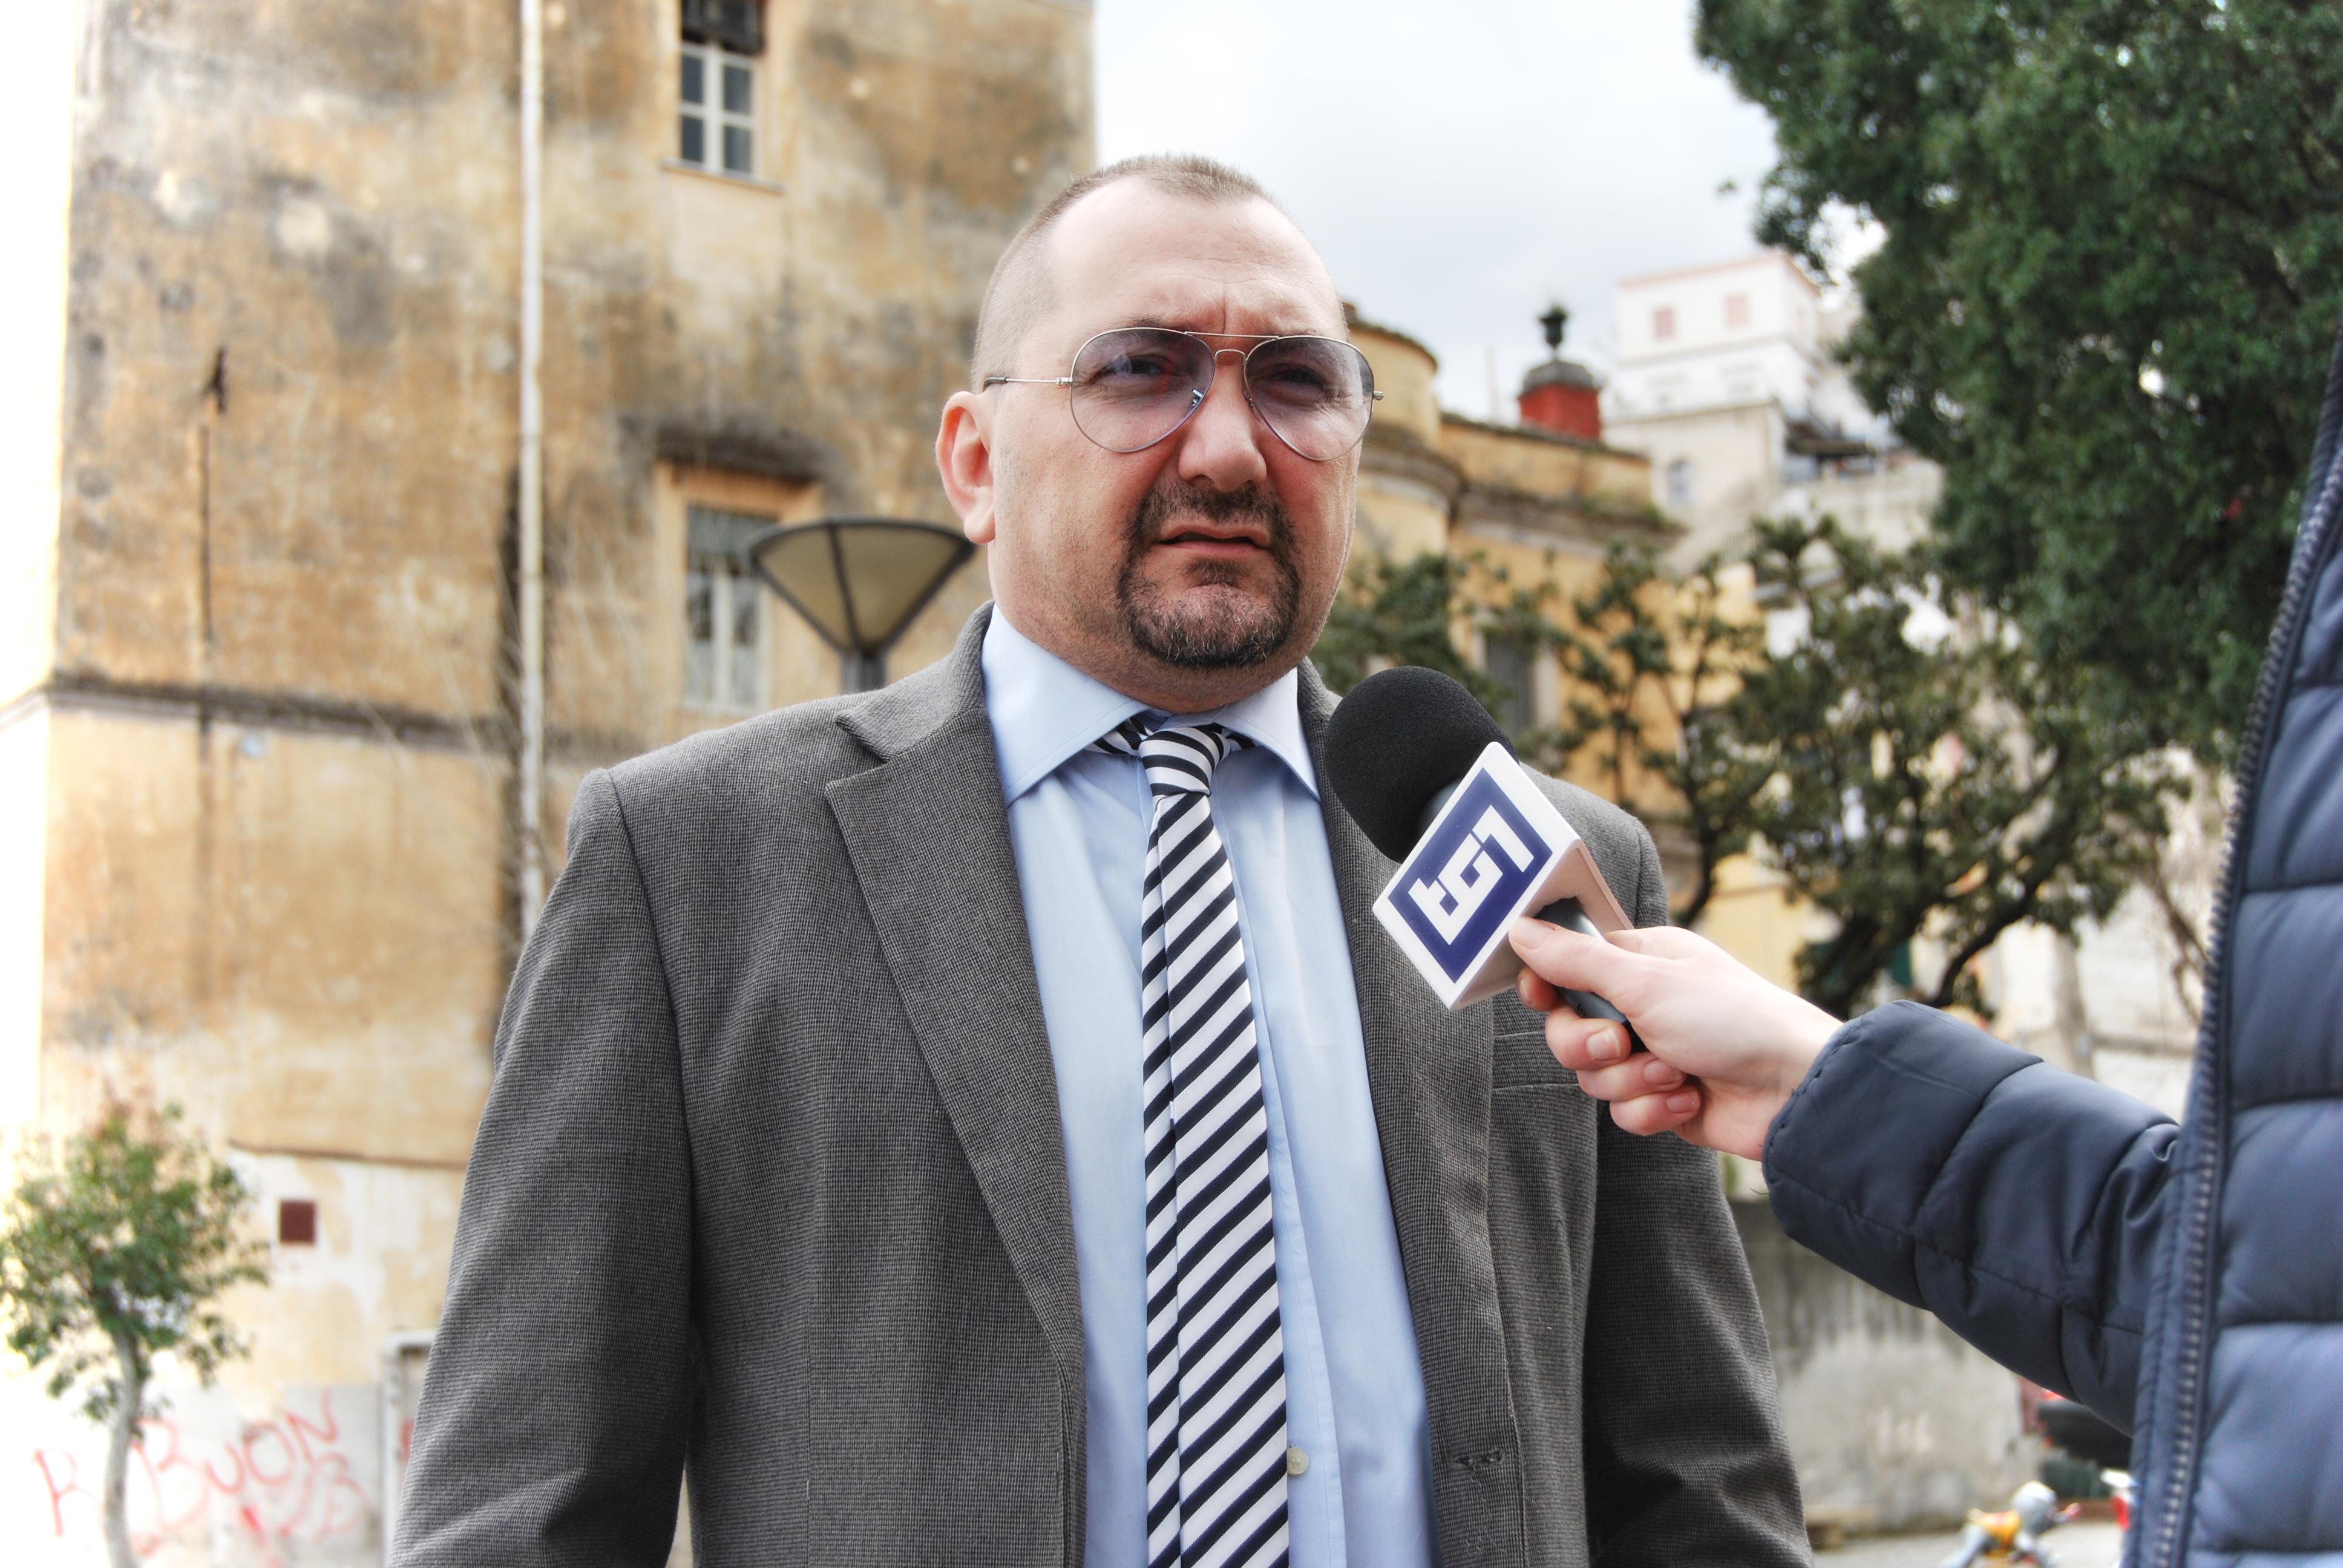 L'avvocato Alexandro Maria Tirelli intervistato al TG1 RAI